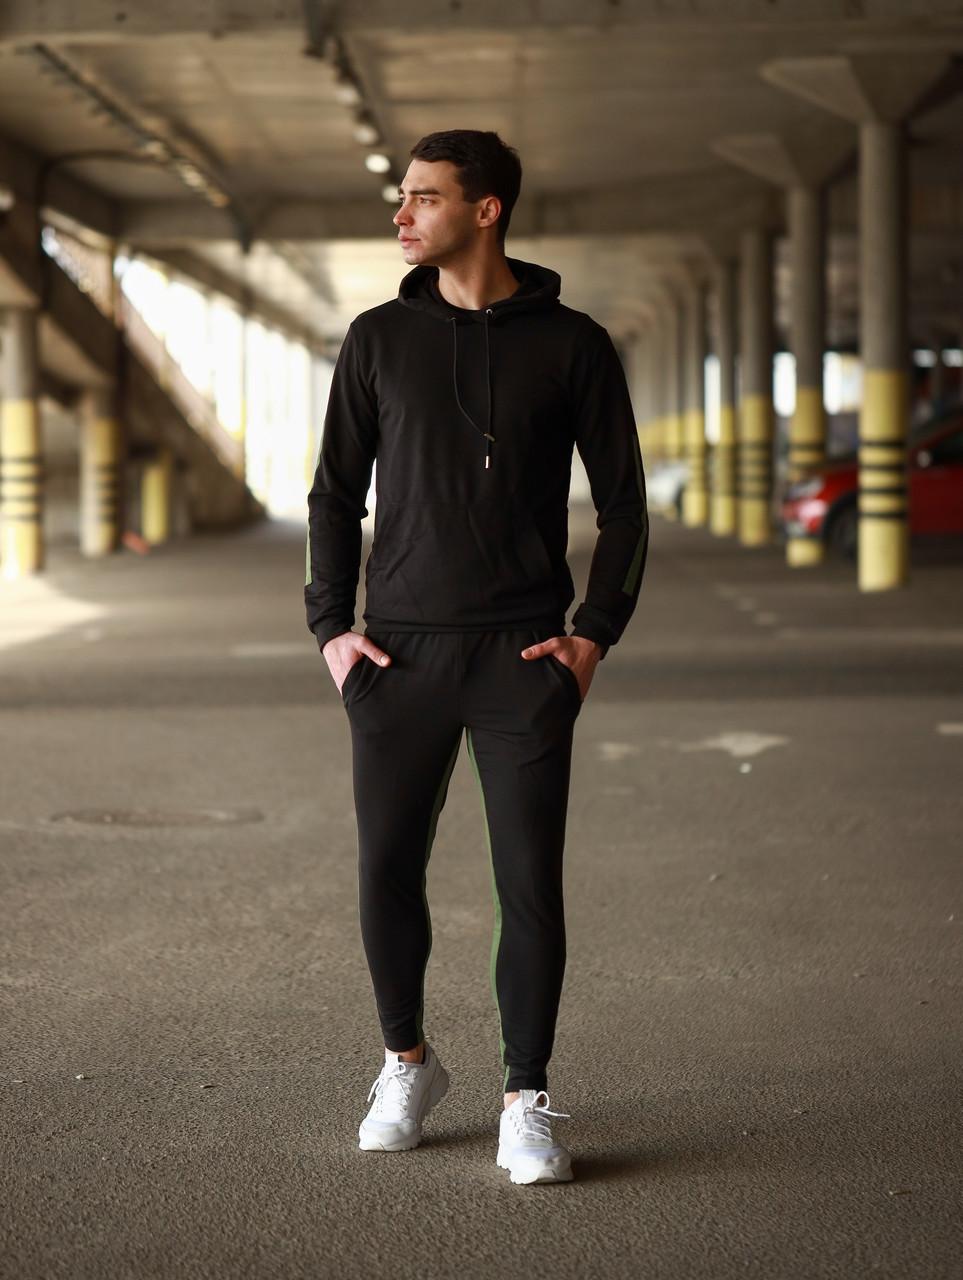 Мужской летний спортивный костюм с капюшоном черного цвета.Мужской осенний спортивный костюм